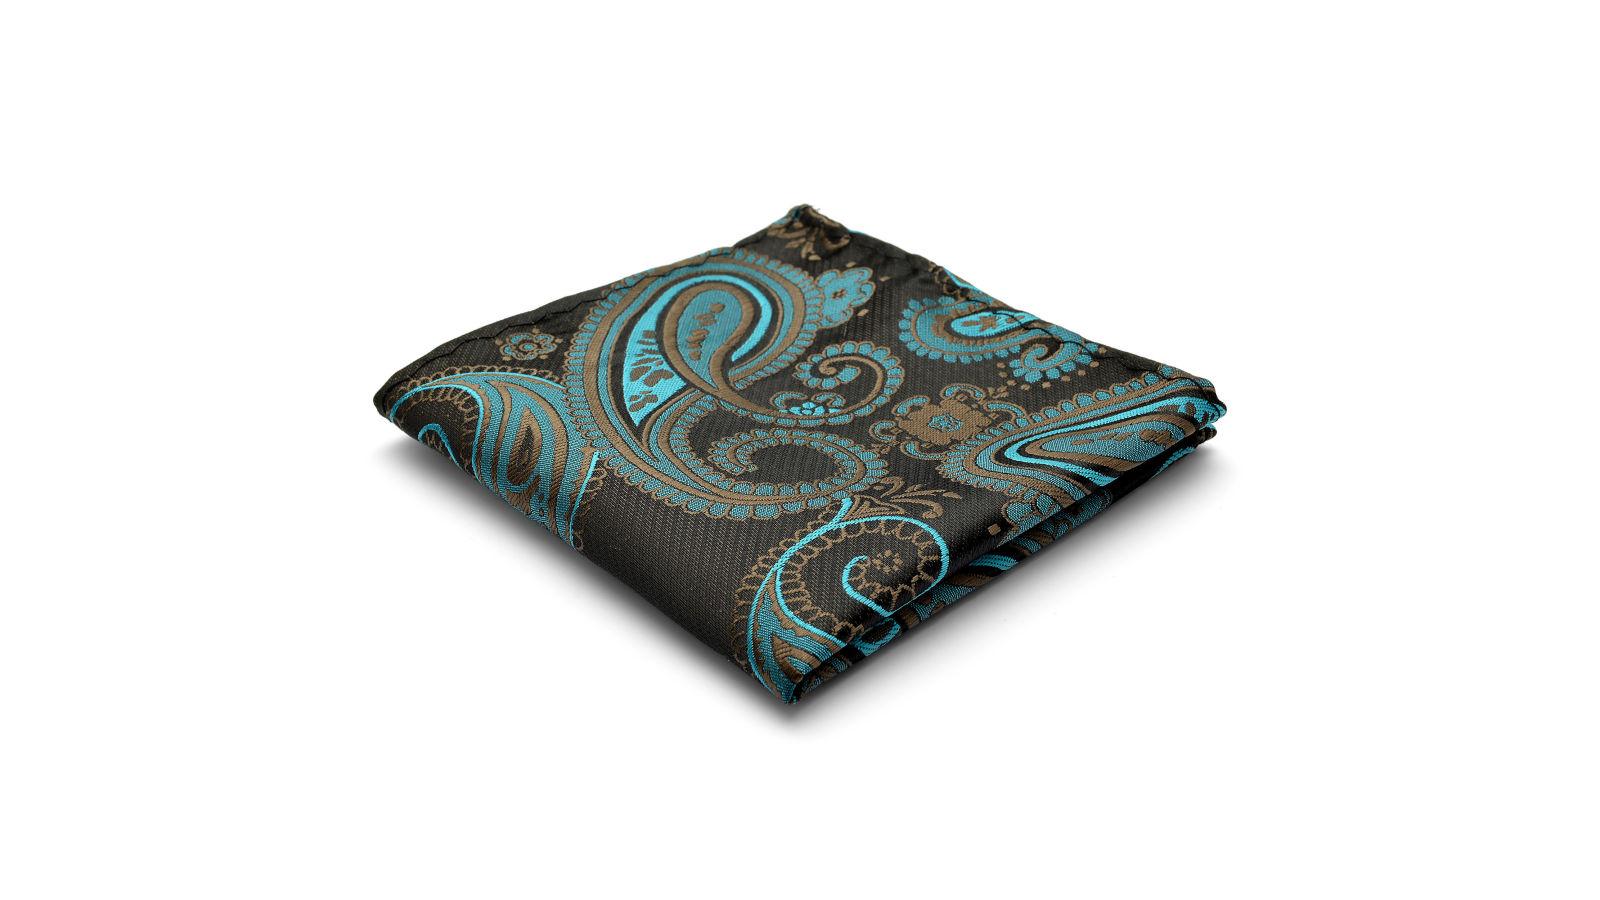 3cd1a4d1dd8 Pañuelo de bolsillo de seda con estampado de cachemir turquesa | ¡En stock!  | Tailor Toki